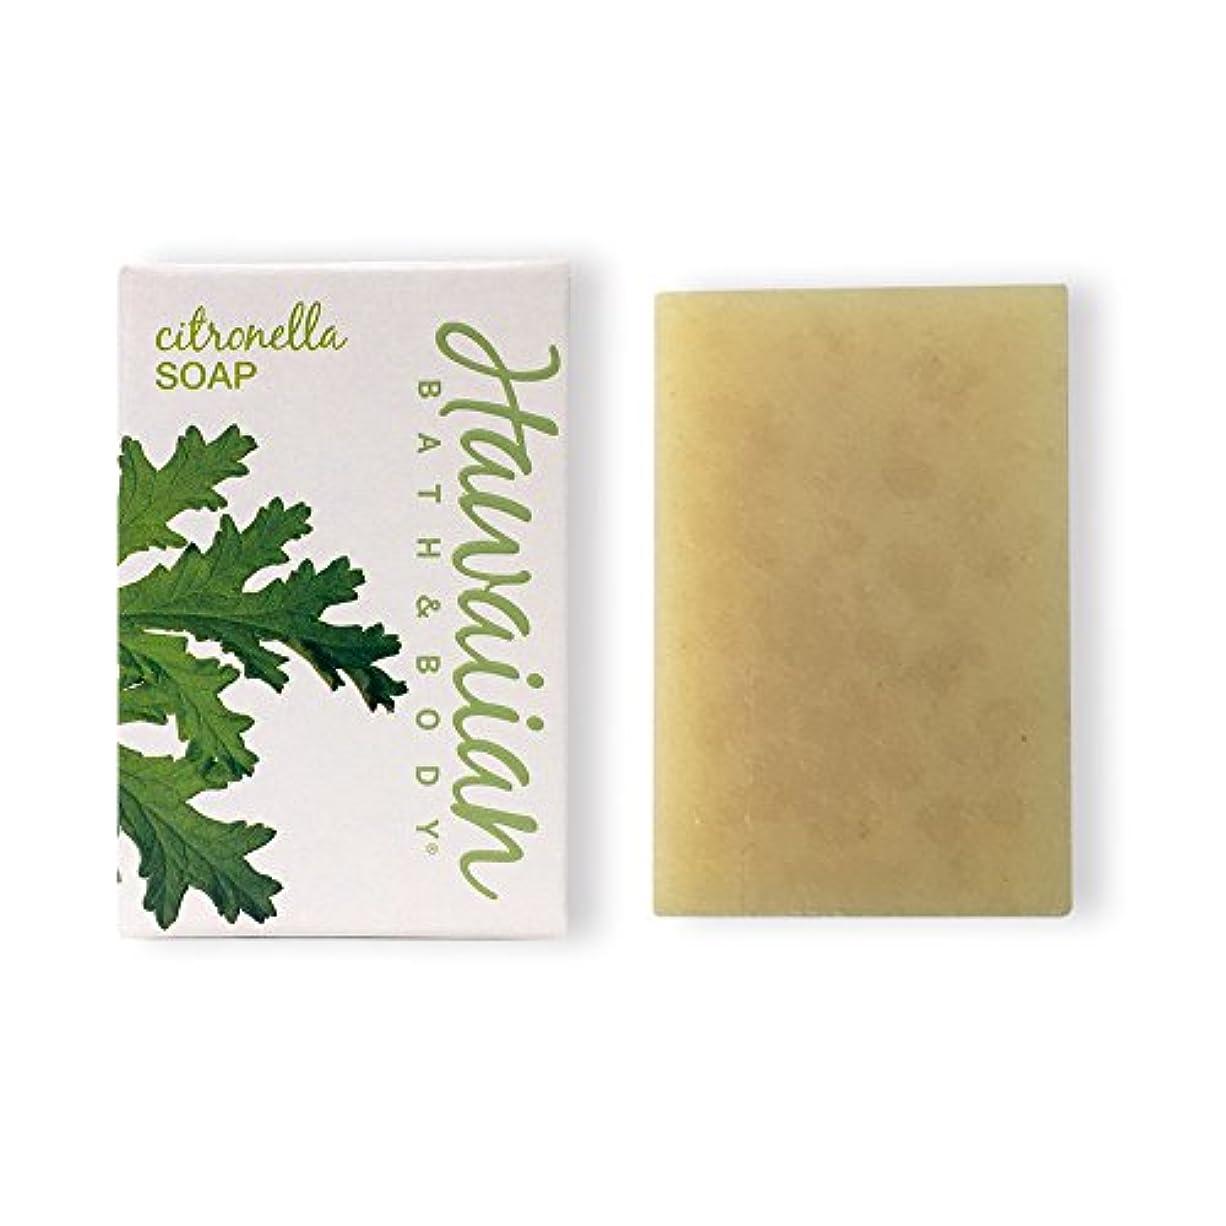 吹きさらしスリップ旋回ハワイアンバス&ボディ シトロネラソープ(ビーチバー)( Citronella Soap )